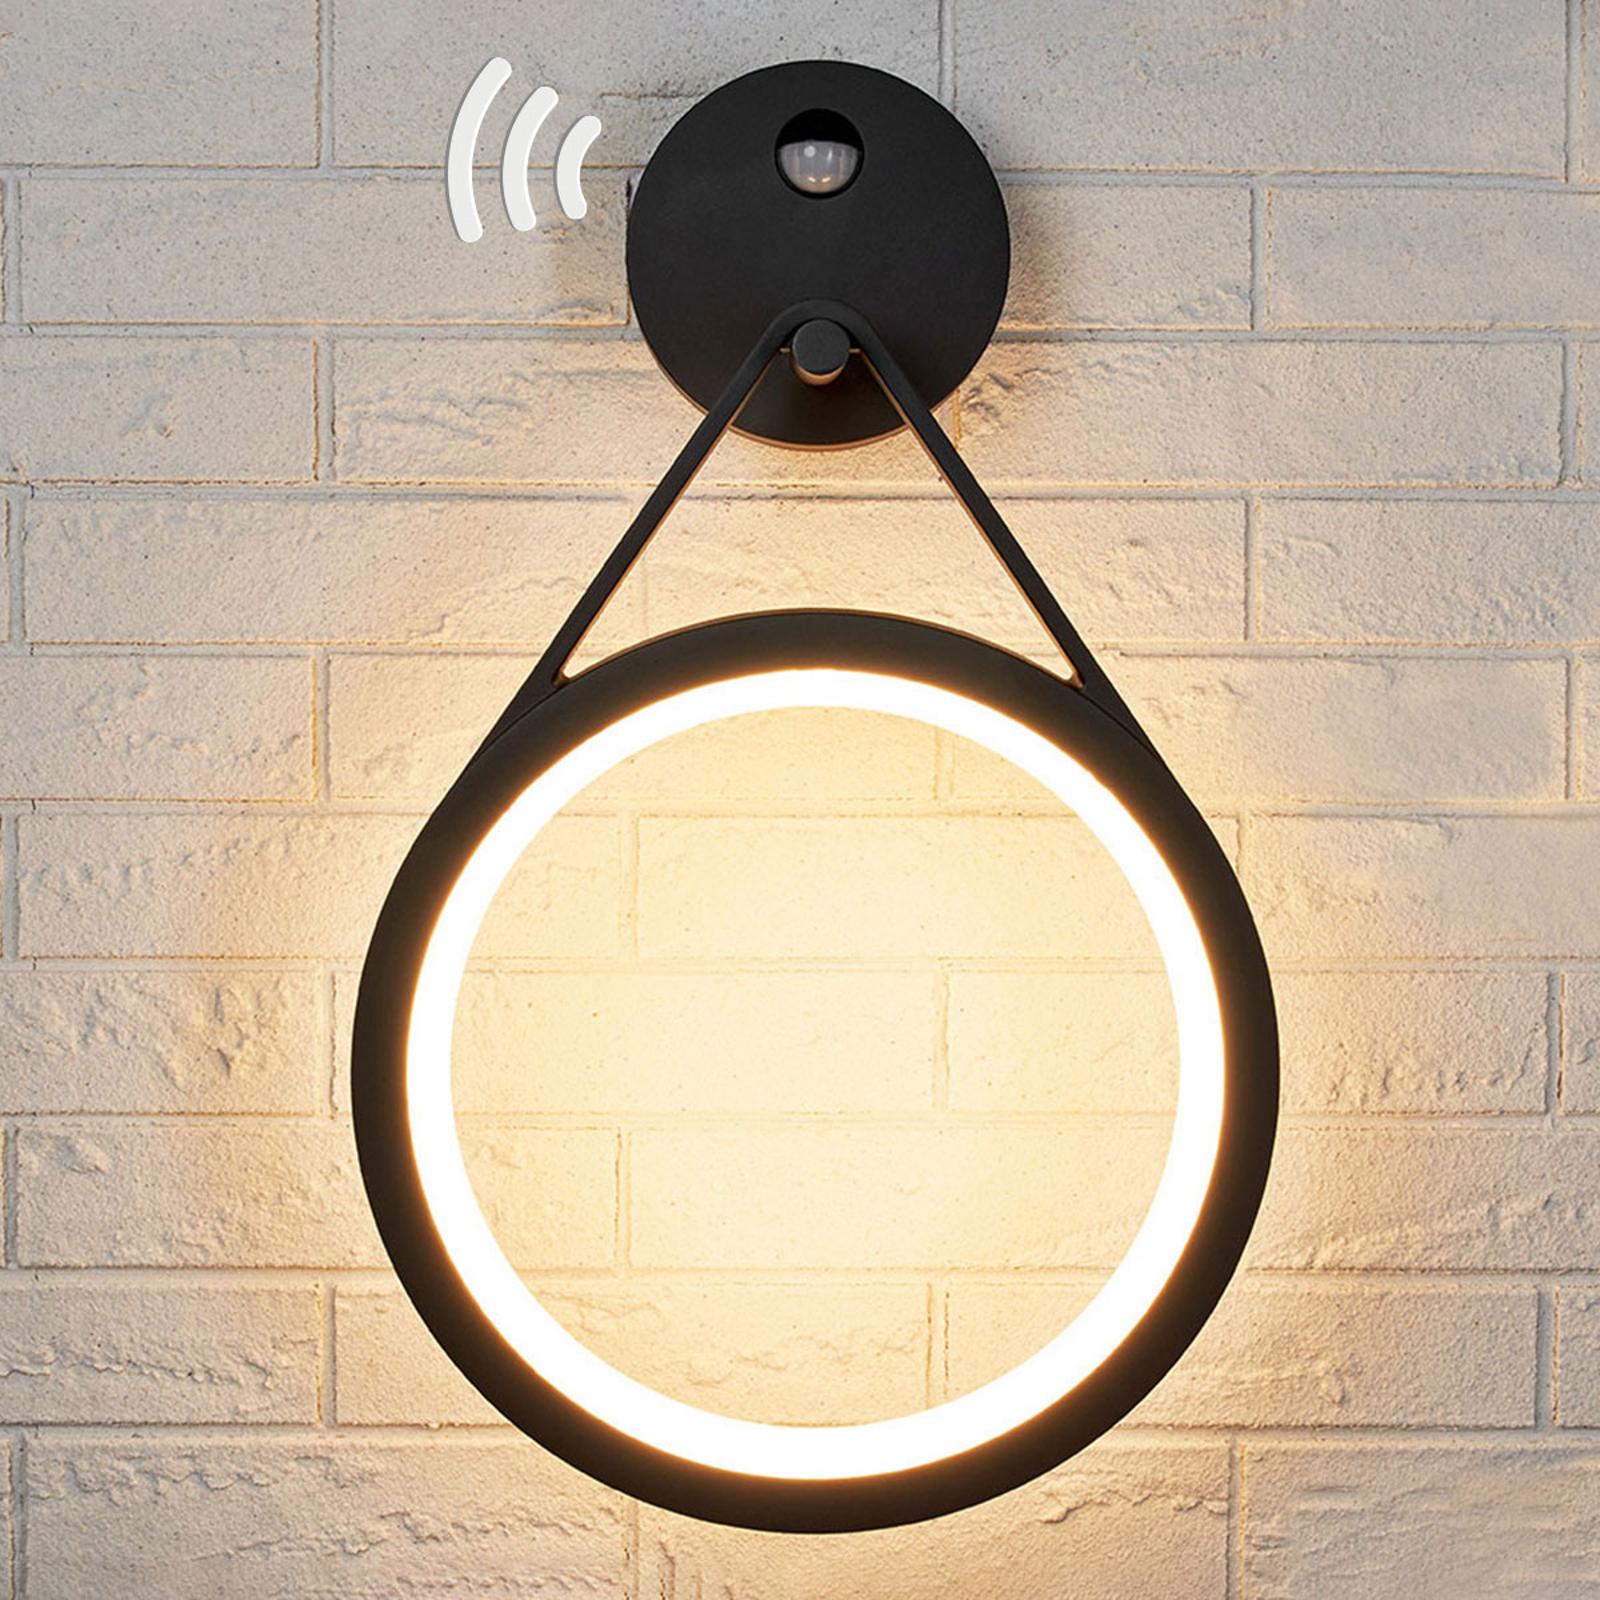 Utendørs LED-vegglampe Mirco med sensor, ring